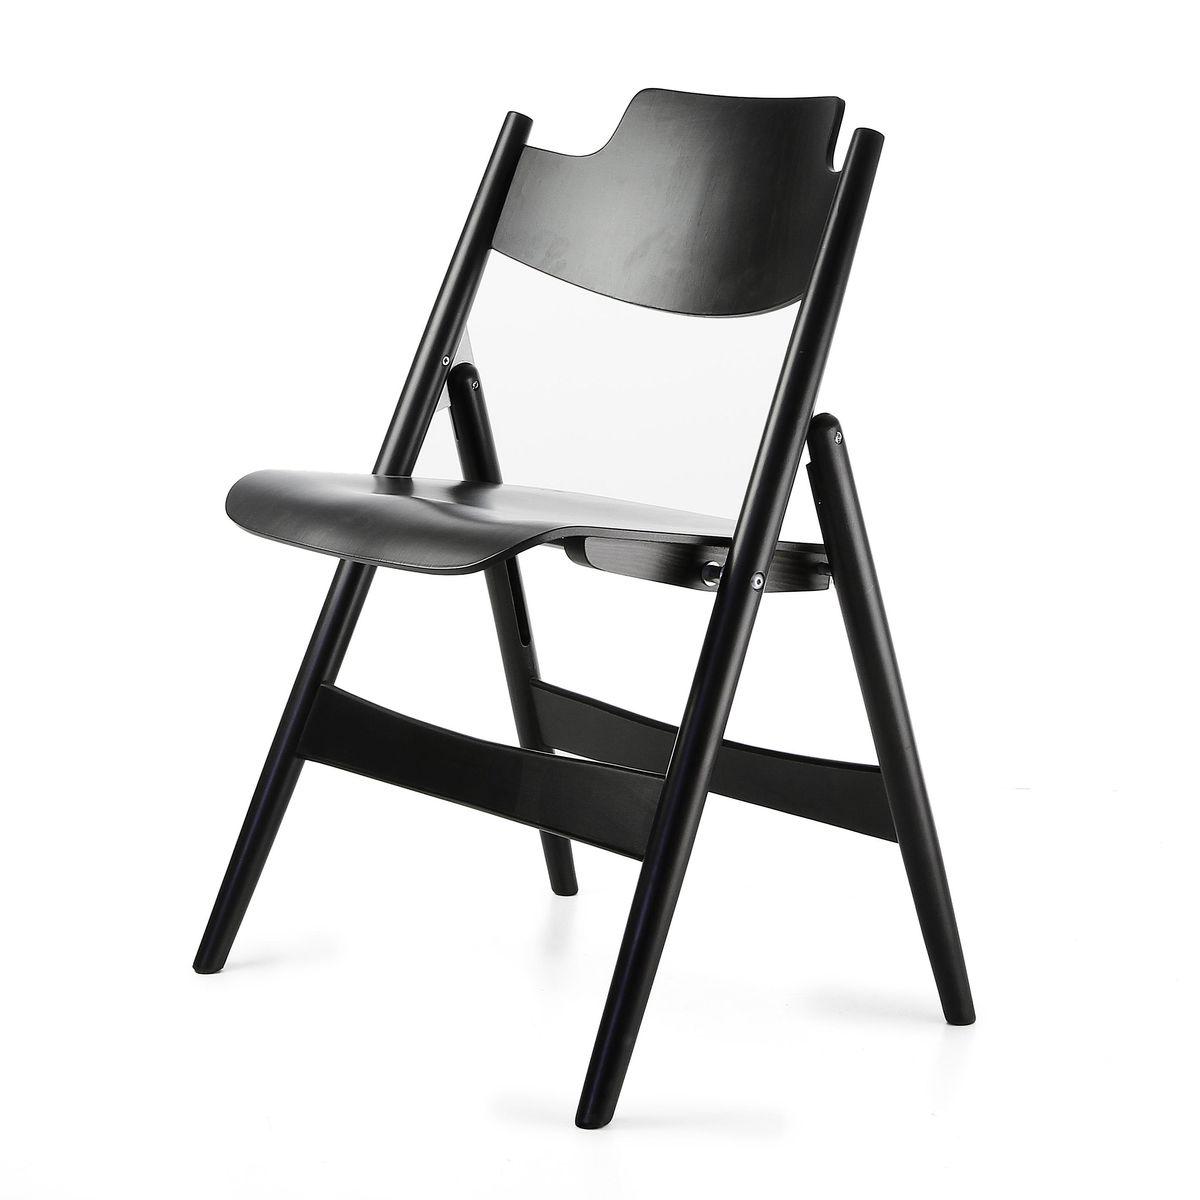 eiermann klappstuhl se 18 wilde spieth egon eiermann. Black Bedroom Furniture Sets. Home Design Ideas